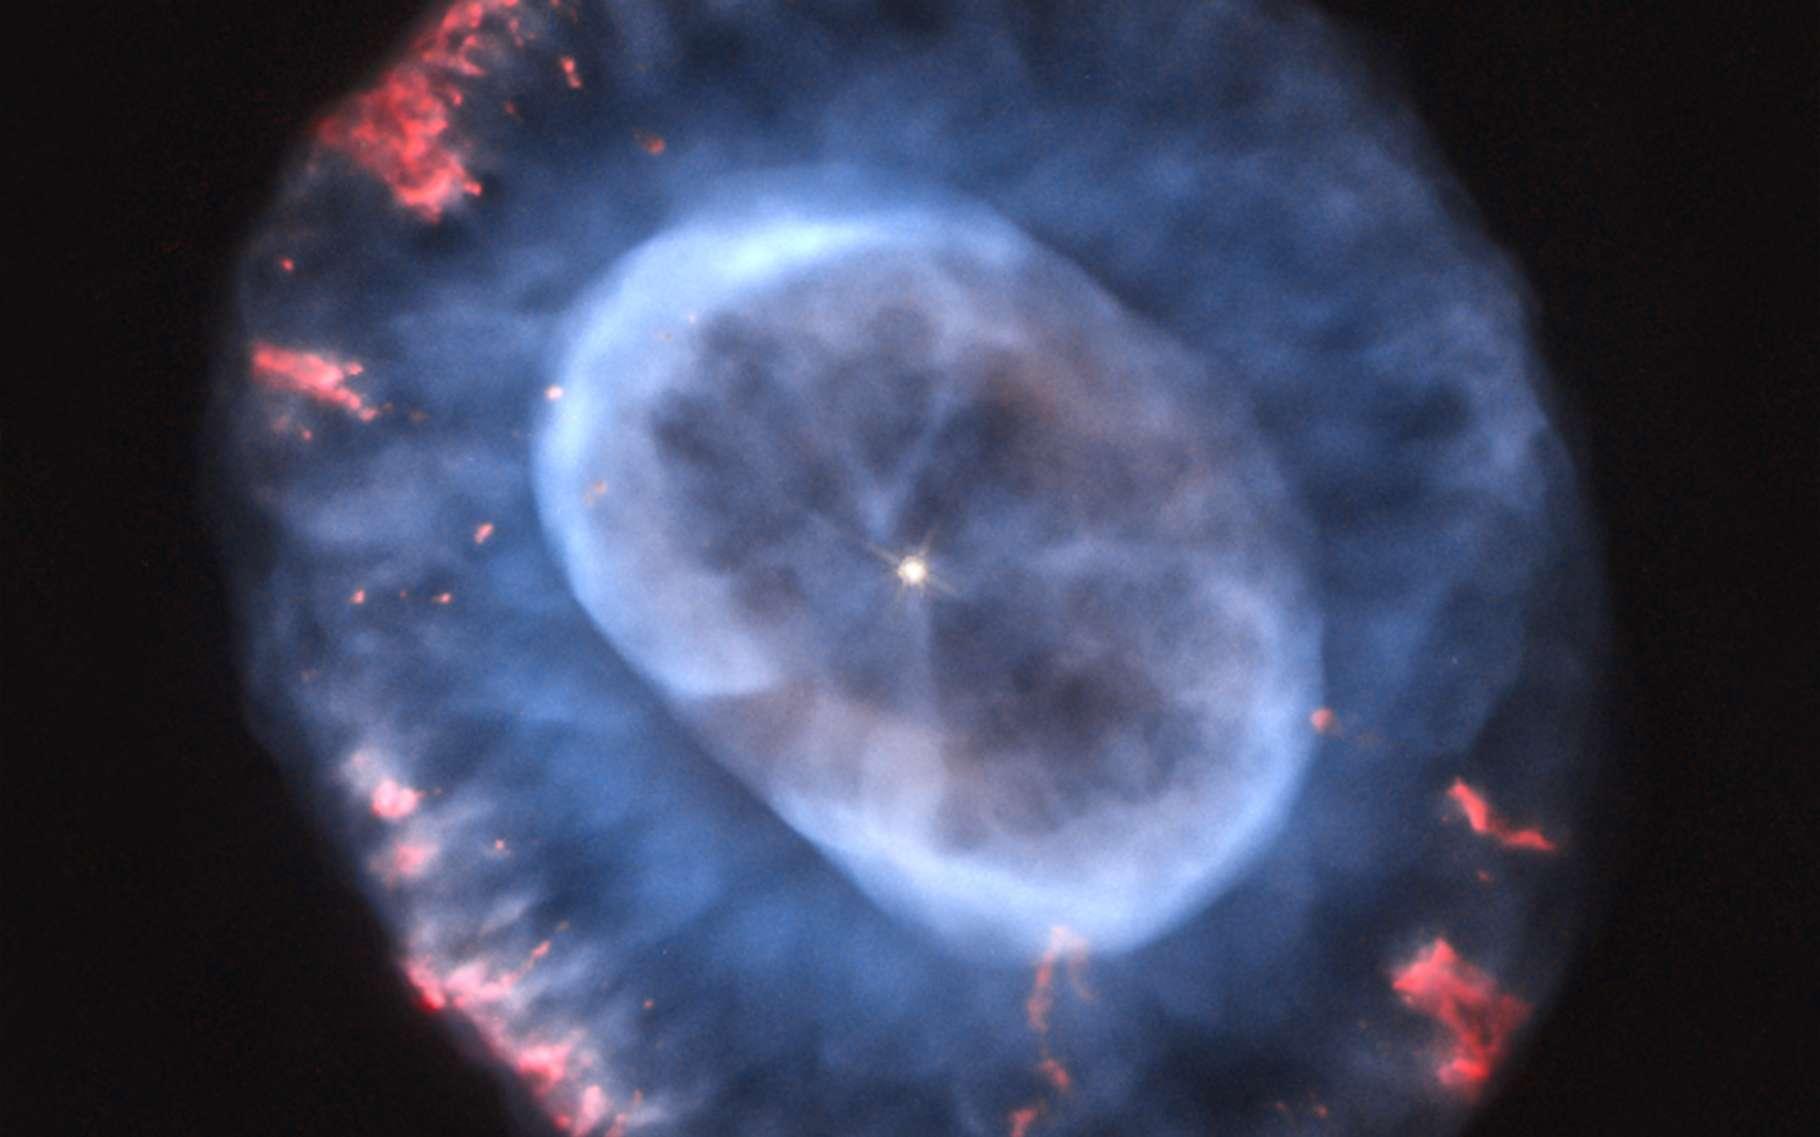 Selon des chercheurs de l'université de l'État de Floride (États-Unis), la supernova LSQ14fmg a explosé dans un système similaire à celui présenté sur cette image de la nébuleuse planétaire de la boule de neige bleue. Avec une étoile centrale perdant une grande quantité de masse et formant un anneau de matière entourant l'étoile. © A. Hajian, Nasa, Esa